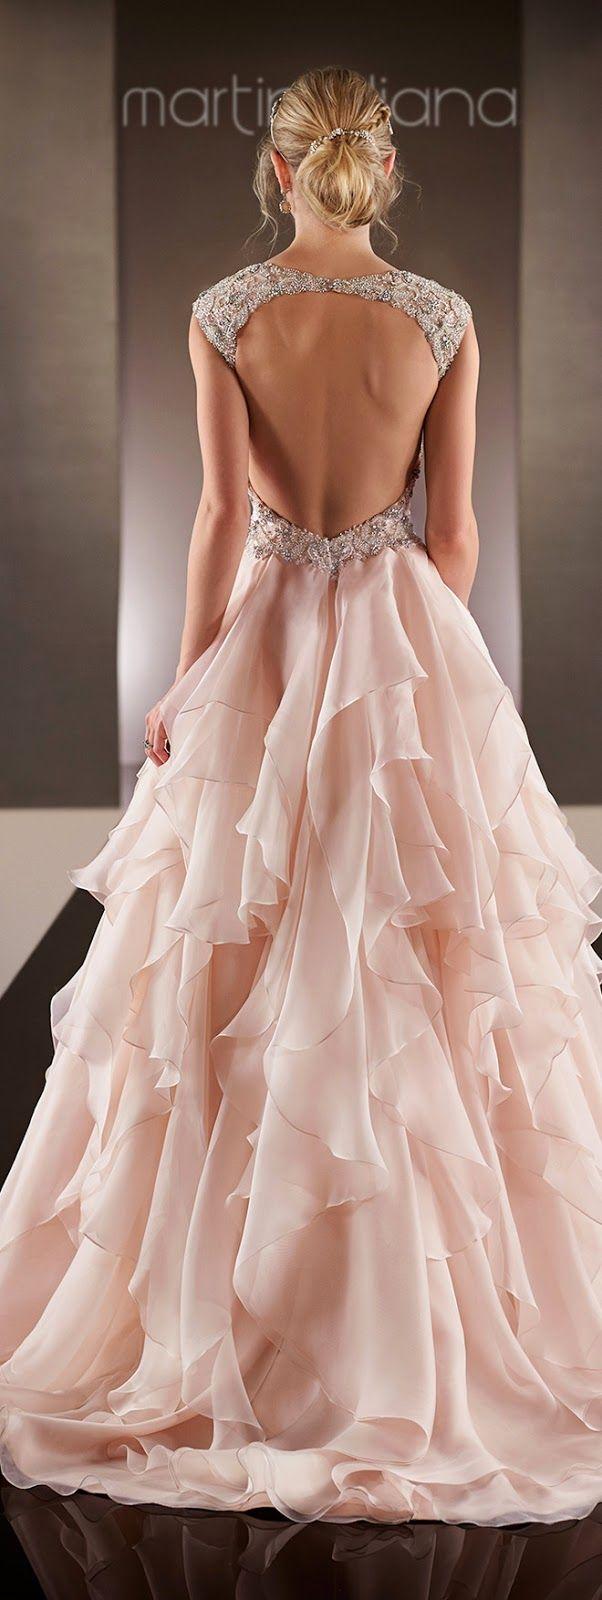 Martina Liana Spring 2015 Bridal Collection | Vestiditos, Novios y Boda